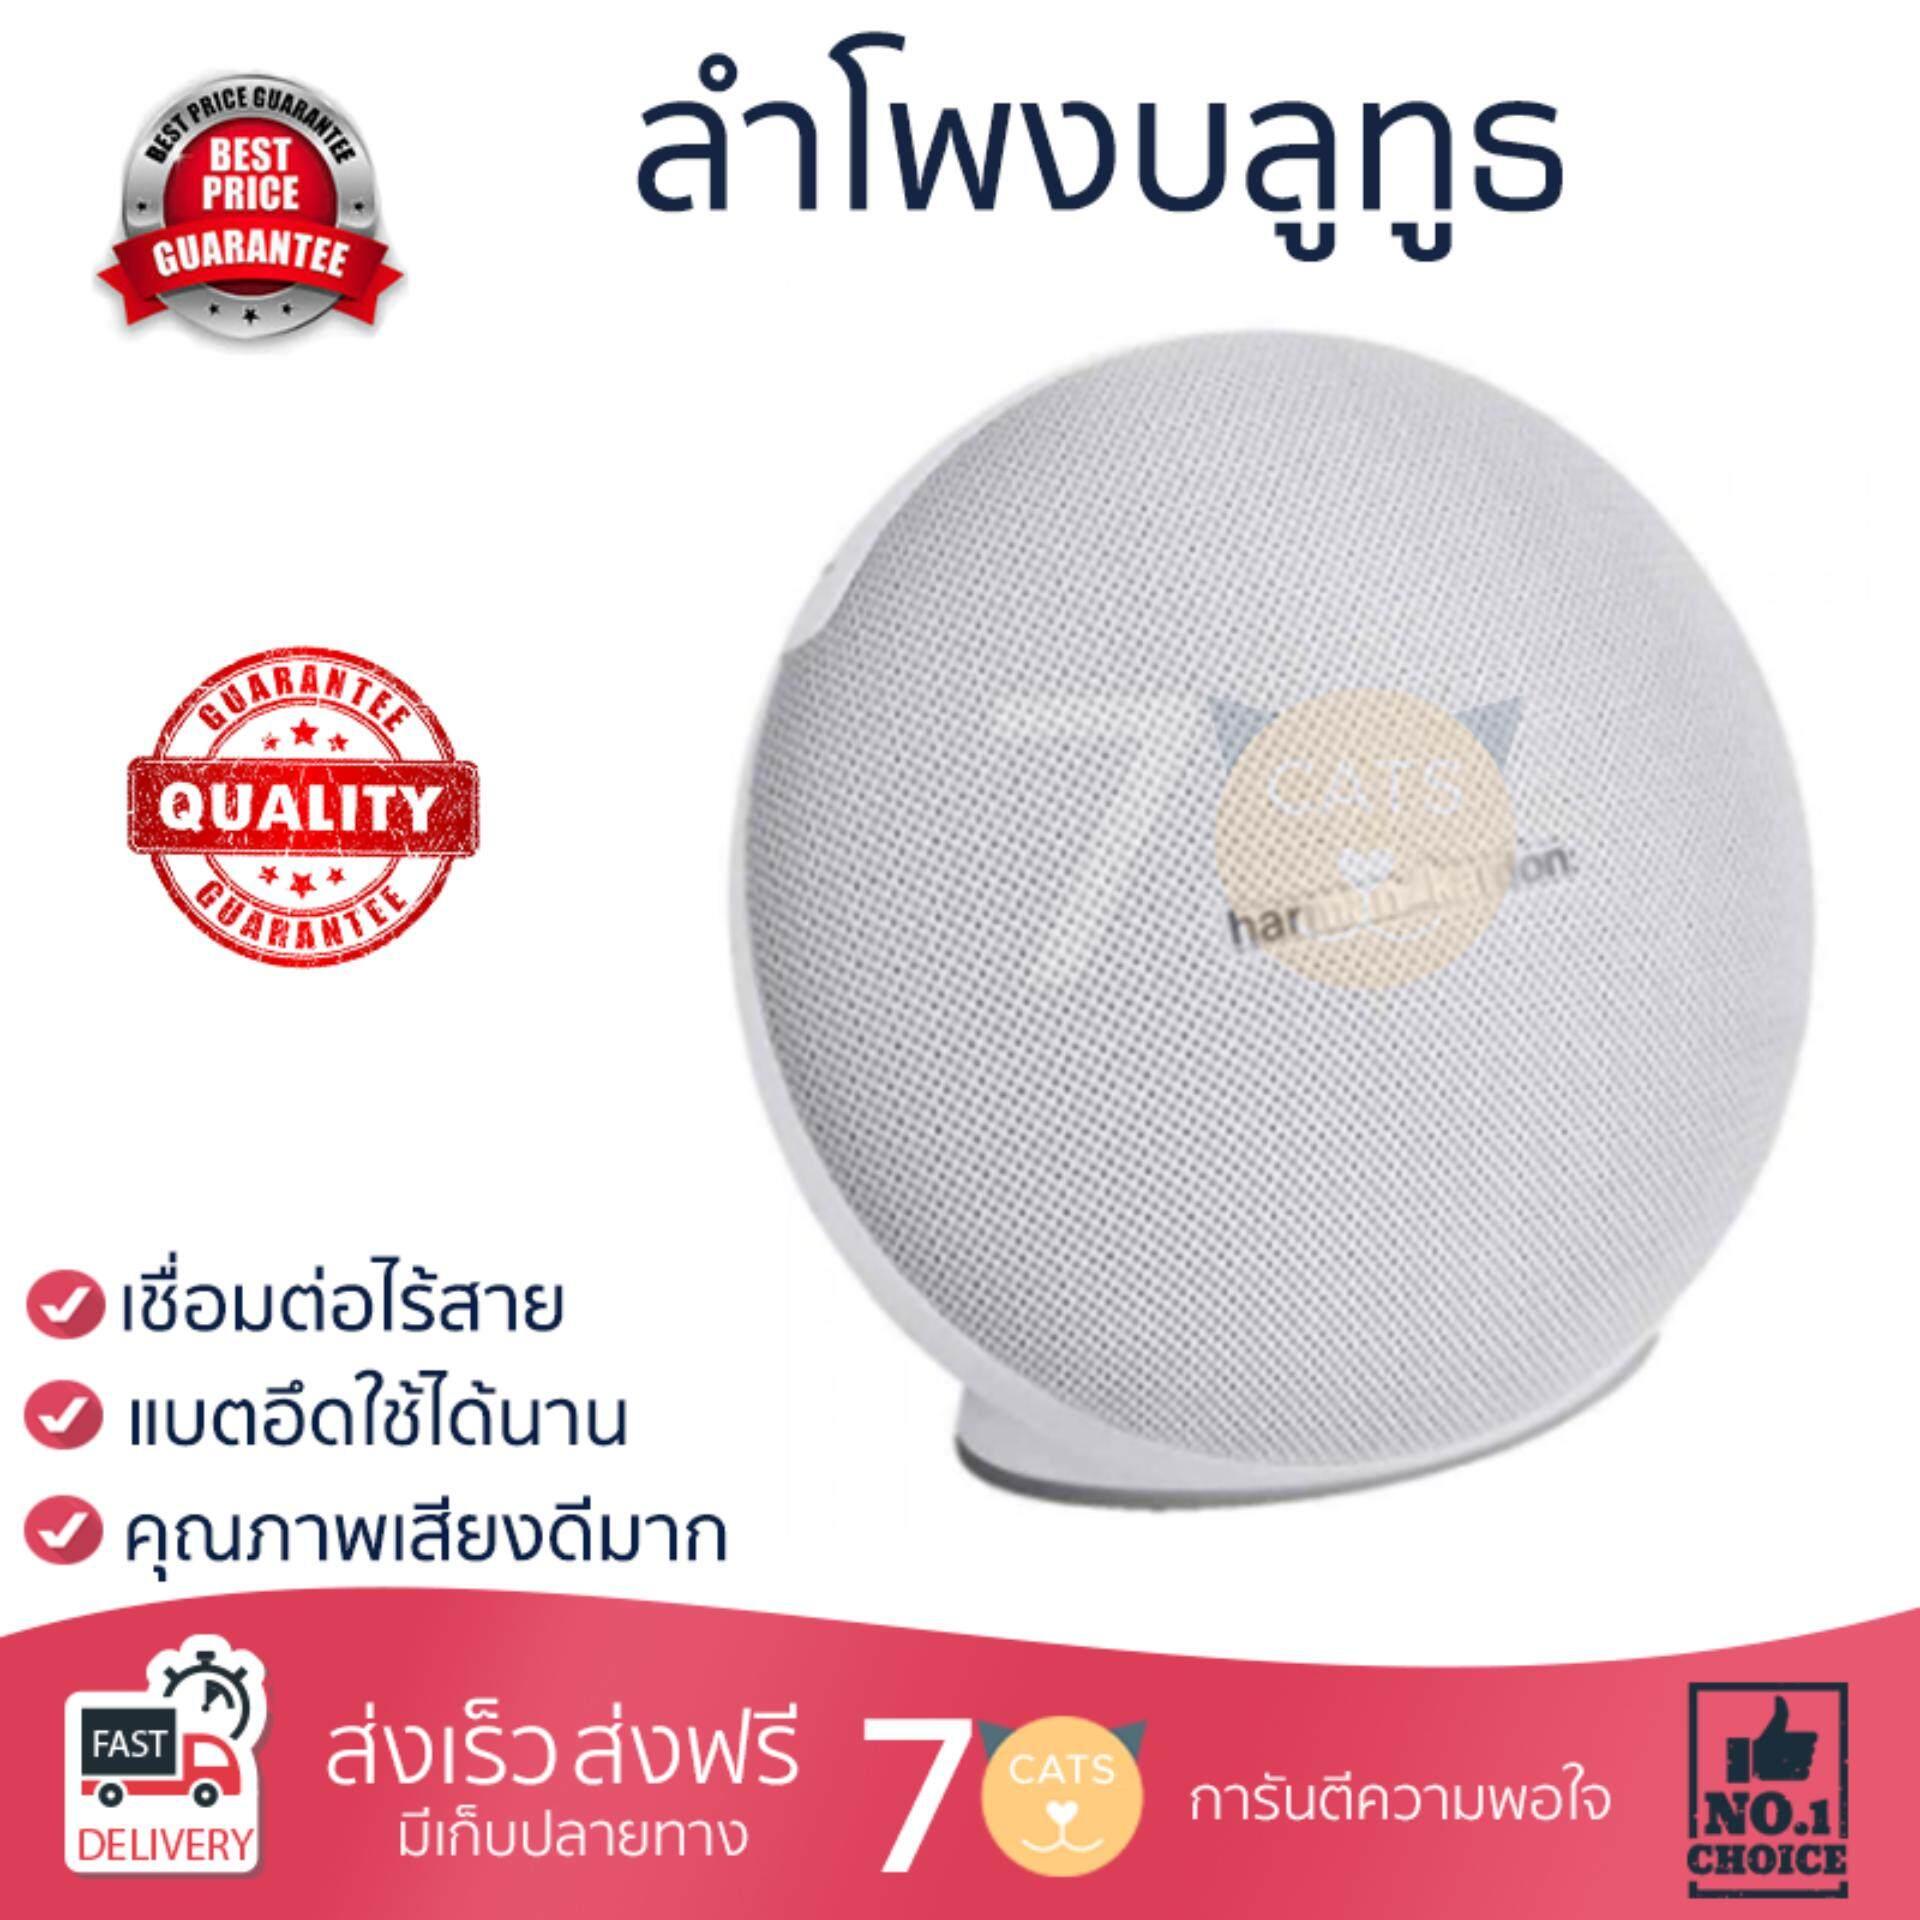 ชัยภูมิ จัดส่งฟรี ลำโพงบลูทูธ  Harman Kardon Bluetooth Speaker 2.1 Onyx Mini White เสียงใส คุณภาพเกินตัว Wireless Bluetooth Speaker รับประกัน 1 ปี